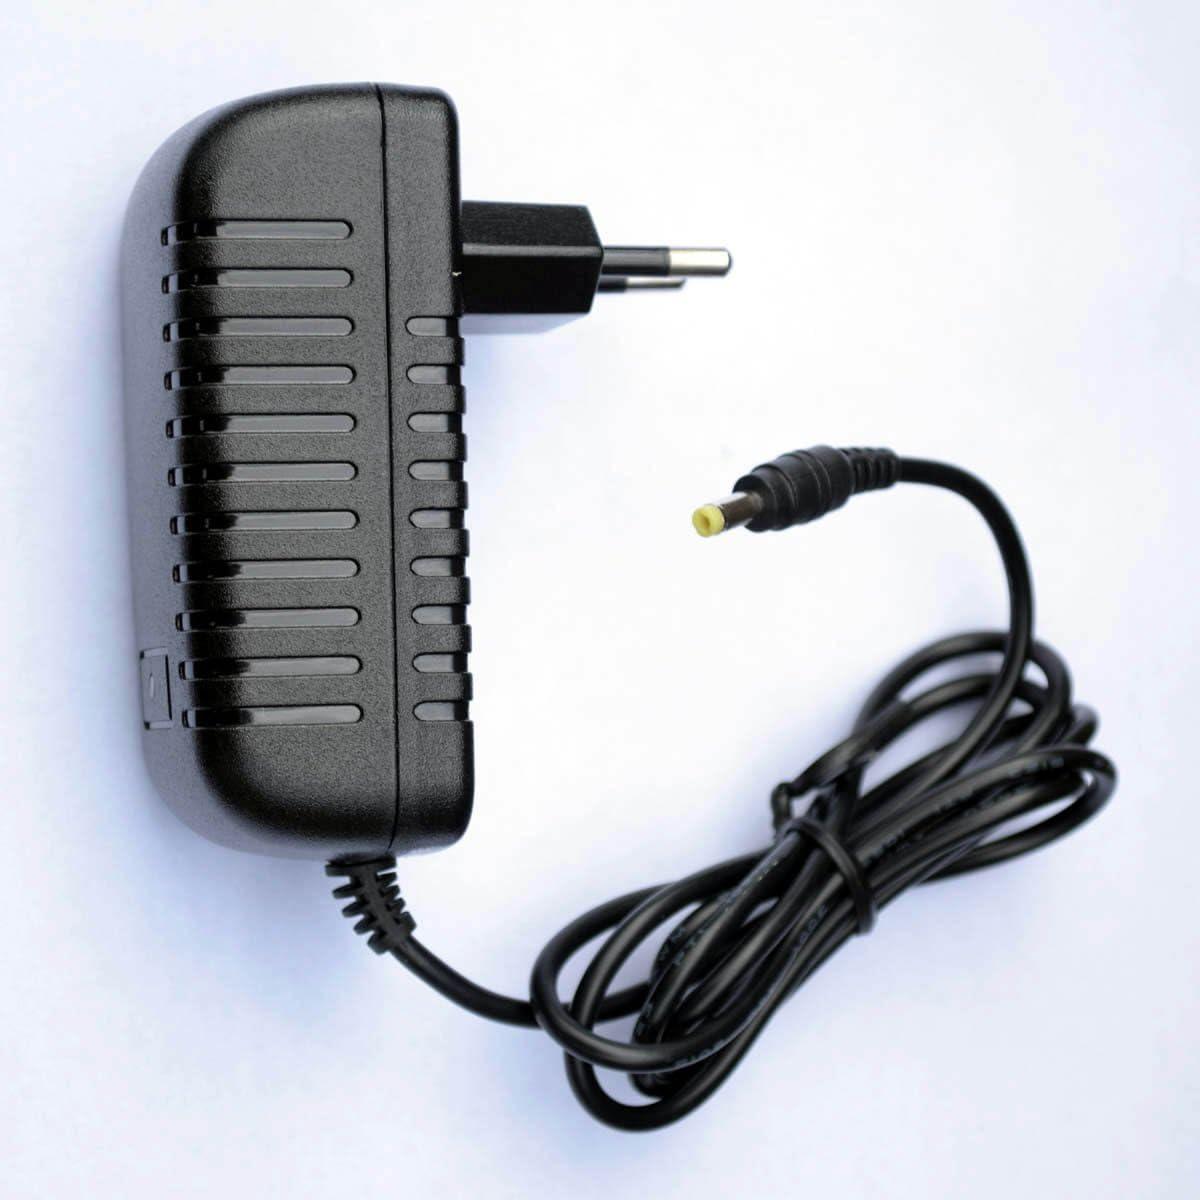 MPK88 Clavier Premium - Prise fran/çaise MyVolts Chargeur//Alimentation 6V Compatible avec Akai MPK2 MPK61 Adaptateur Secteur MPK249 MPK25